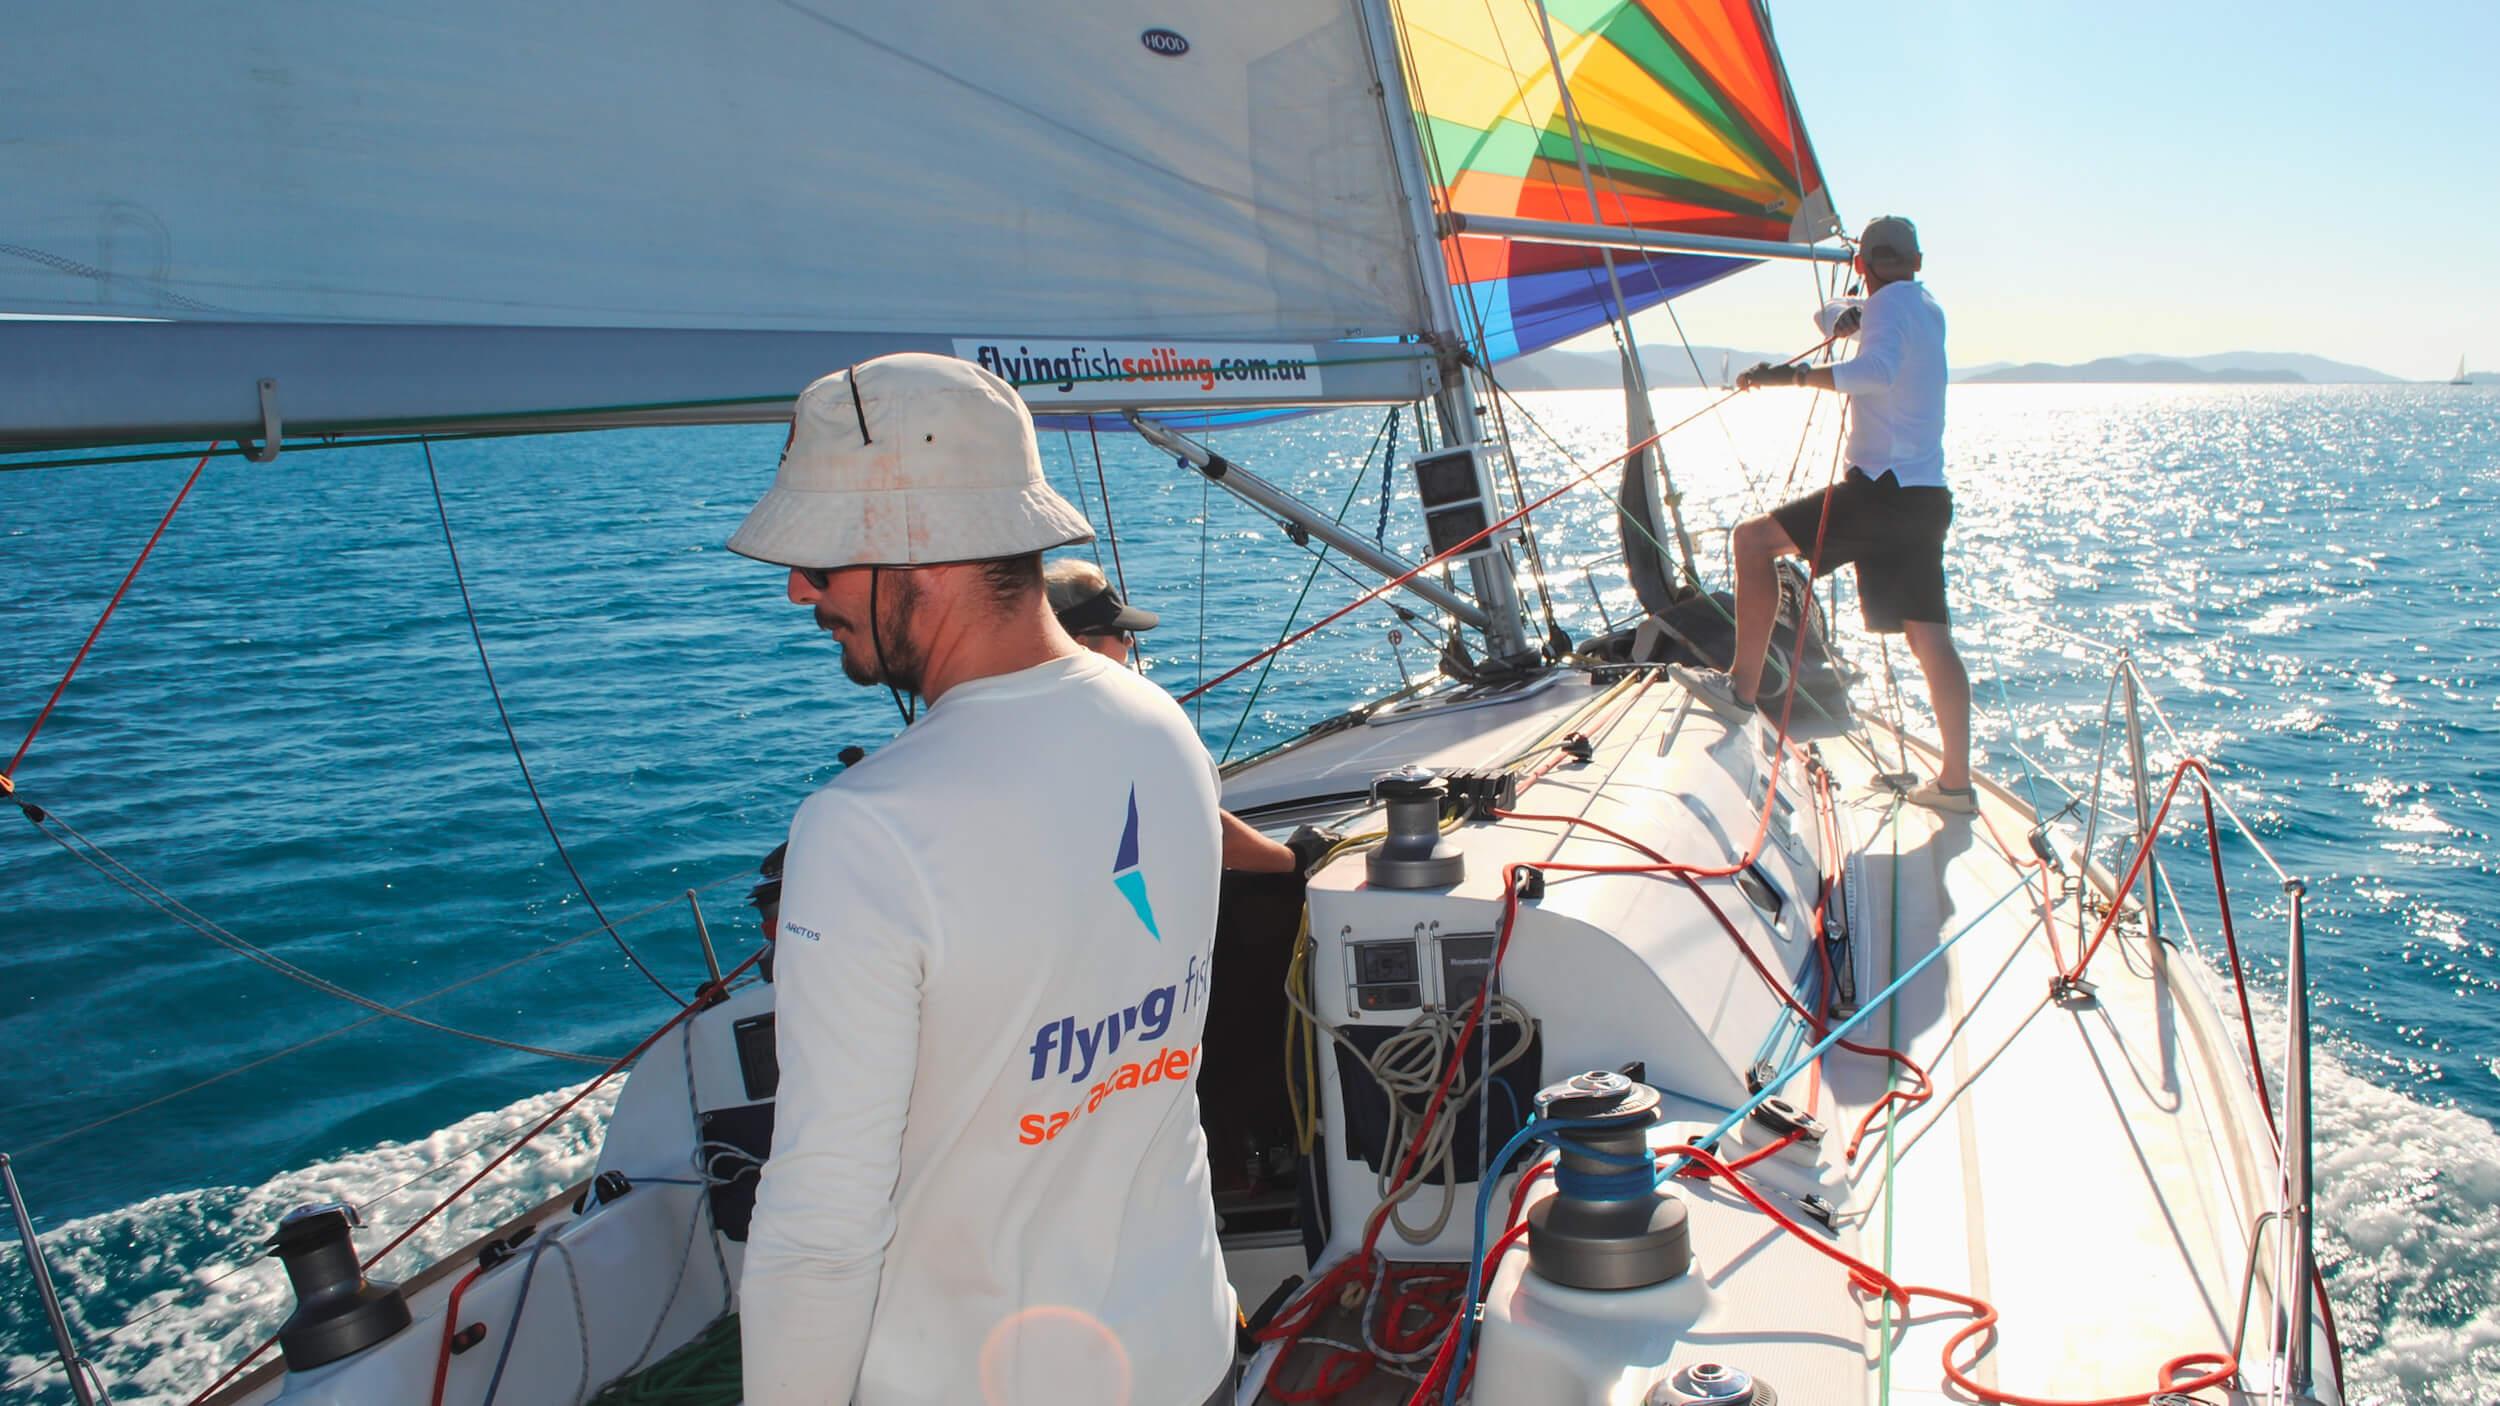 Flying-Fish-Sailing-00011.jpg